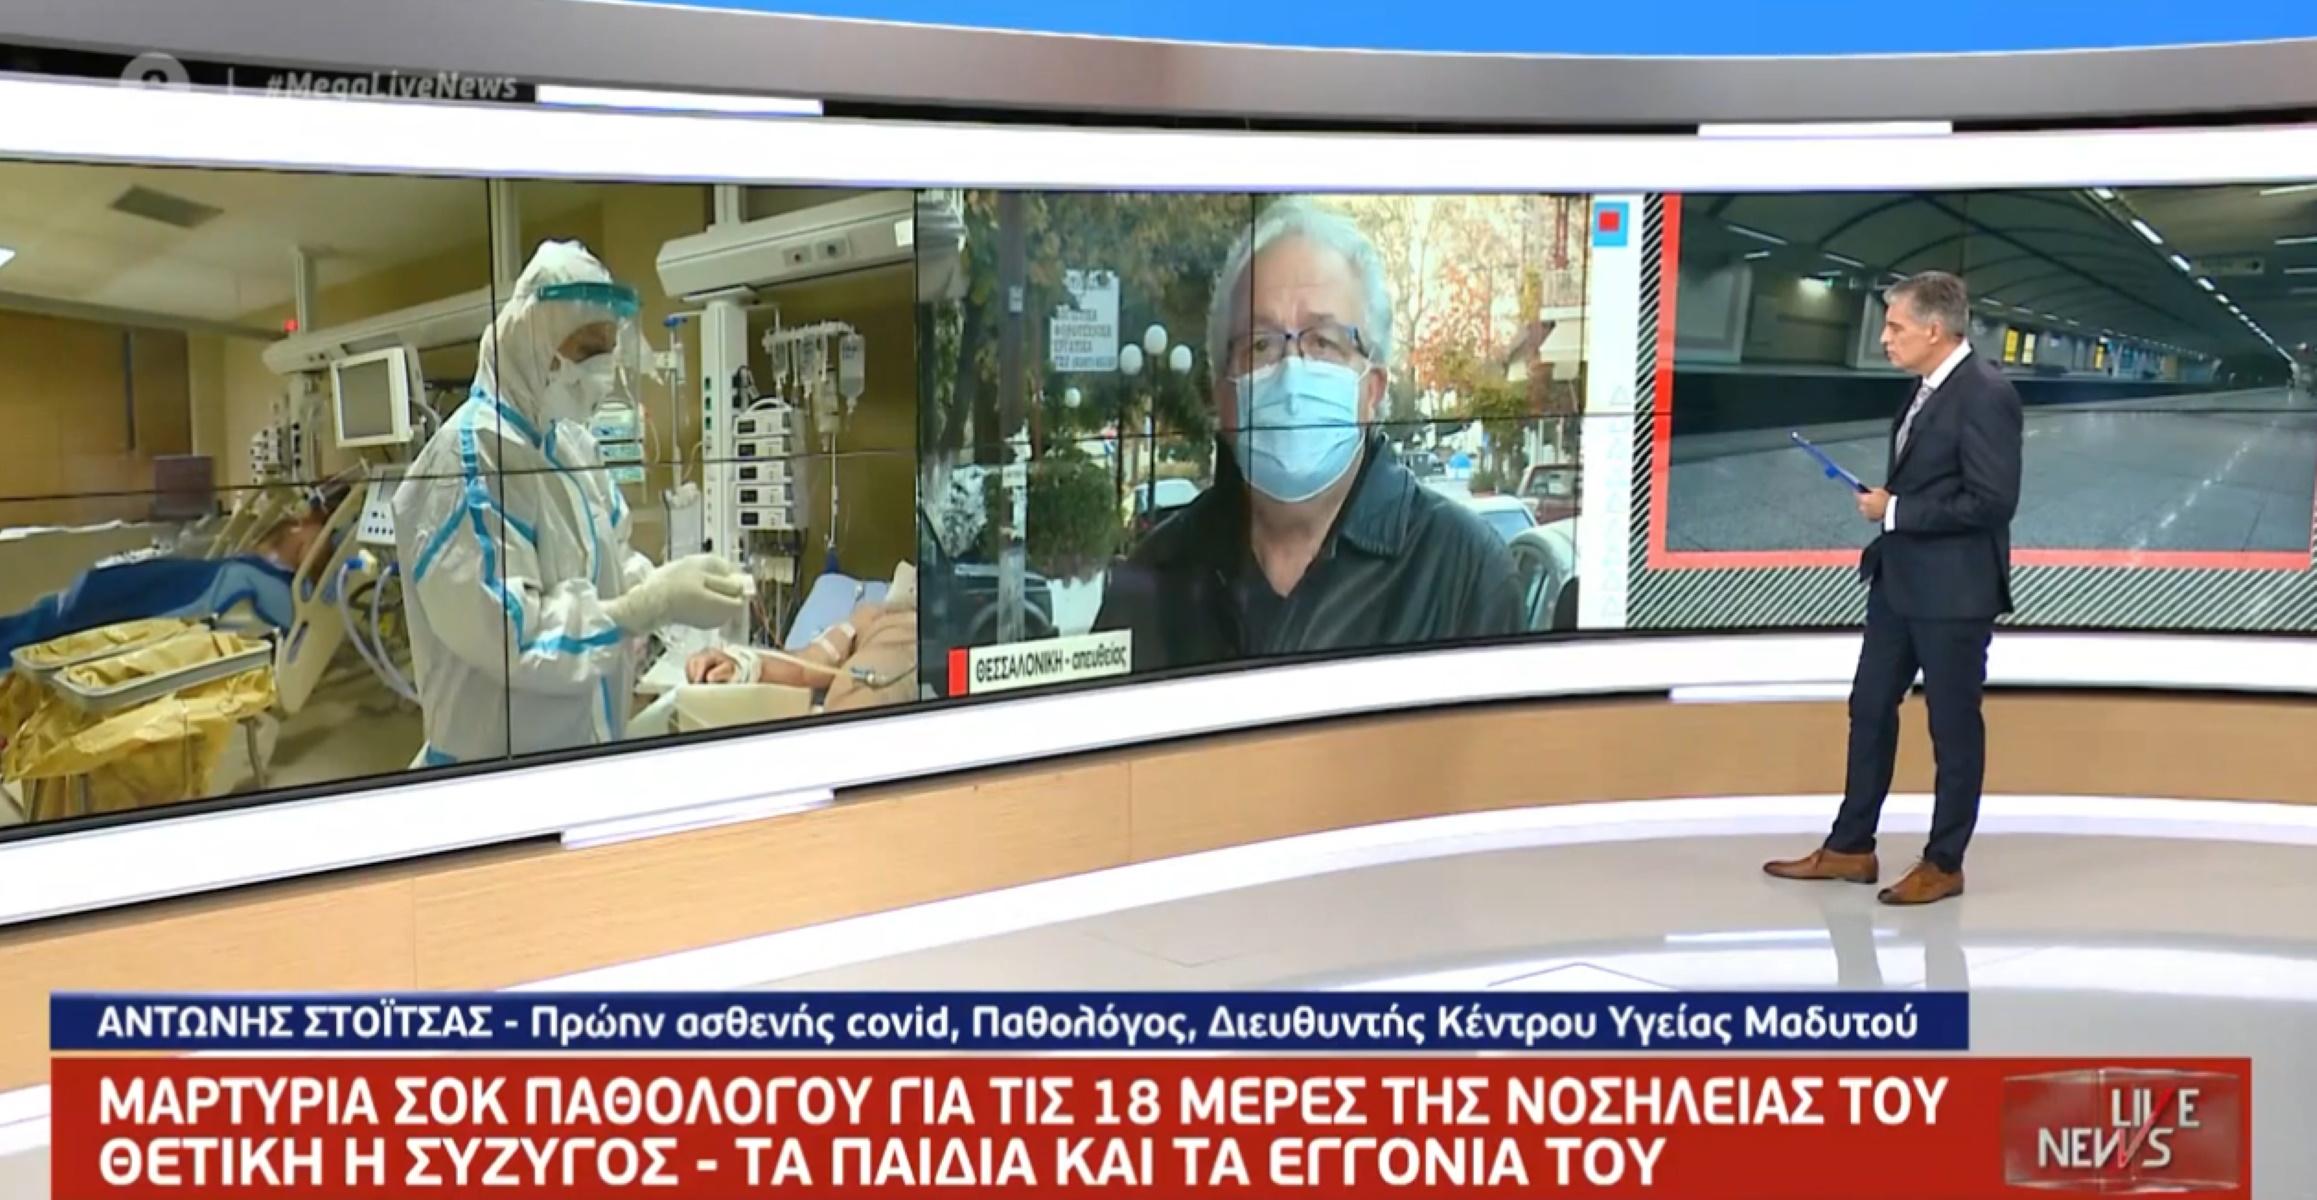 """""""Live News"""" – Συγκλονίζει παθολόγος που νόσησε με κορονοϊό: Τρομακτική εμπειρία (video)"""